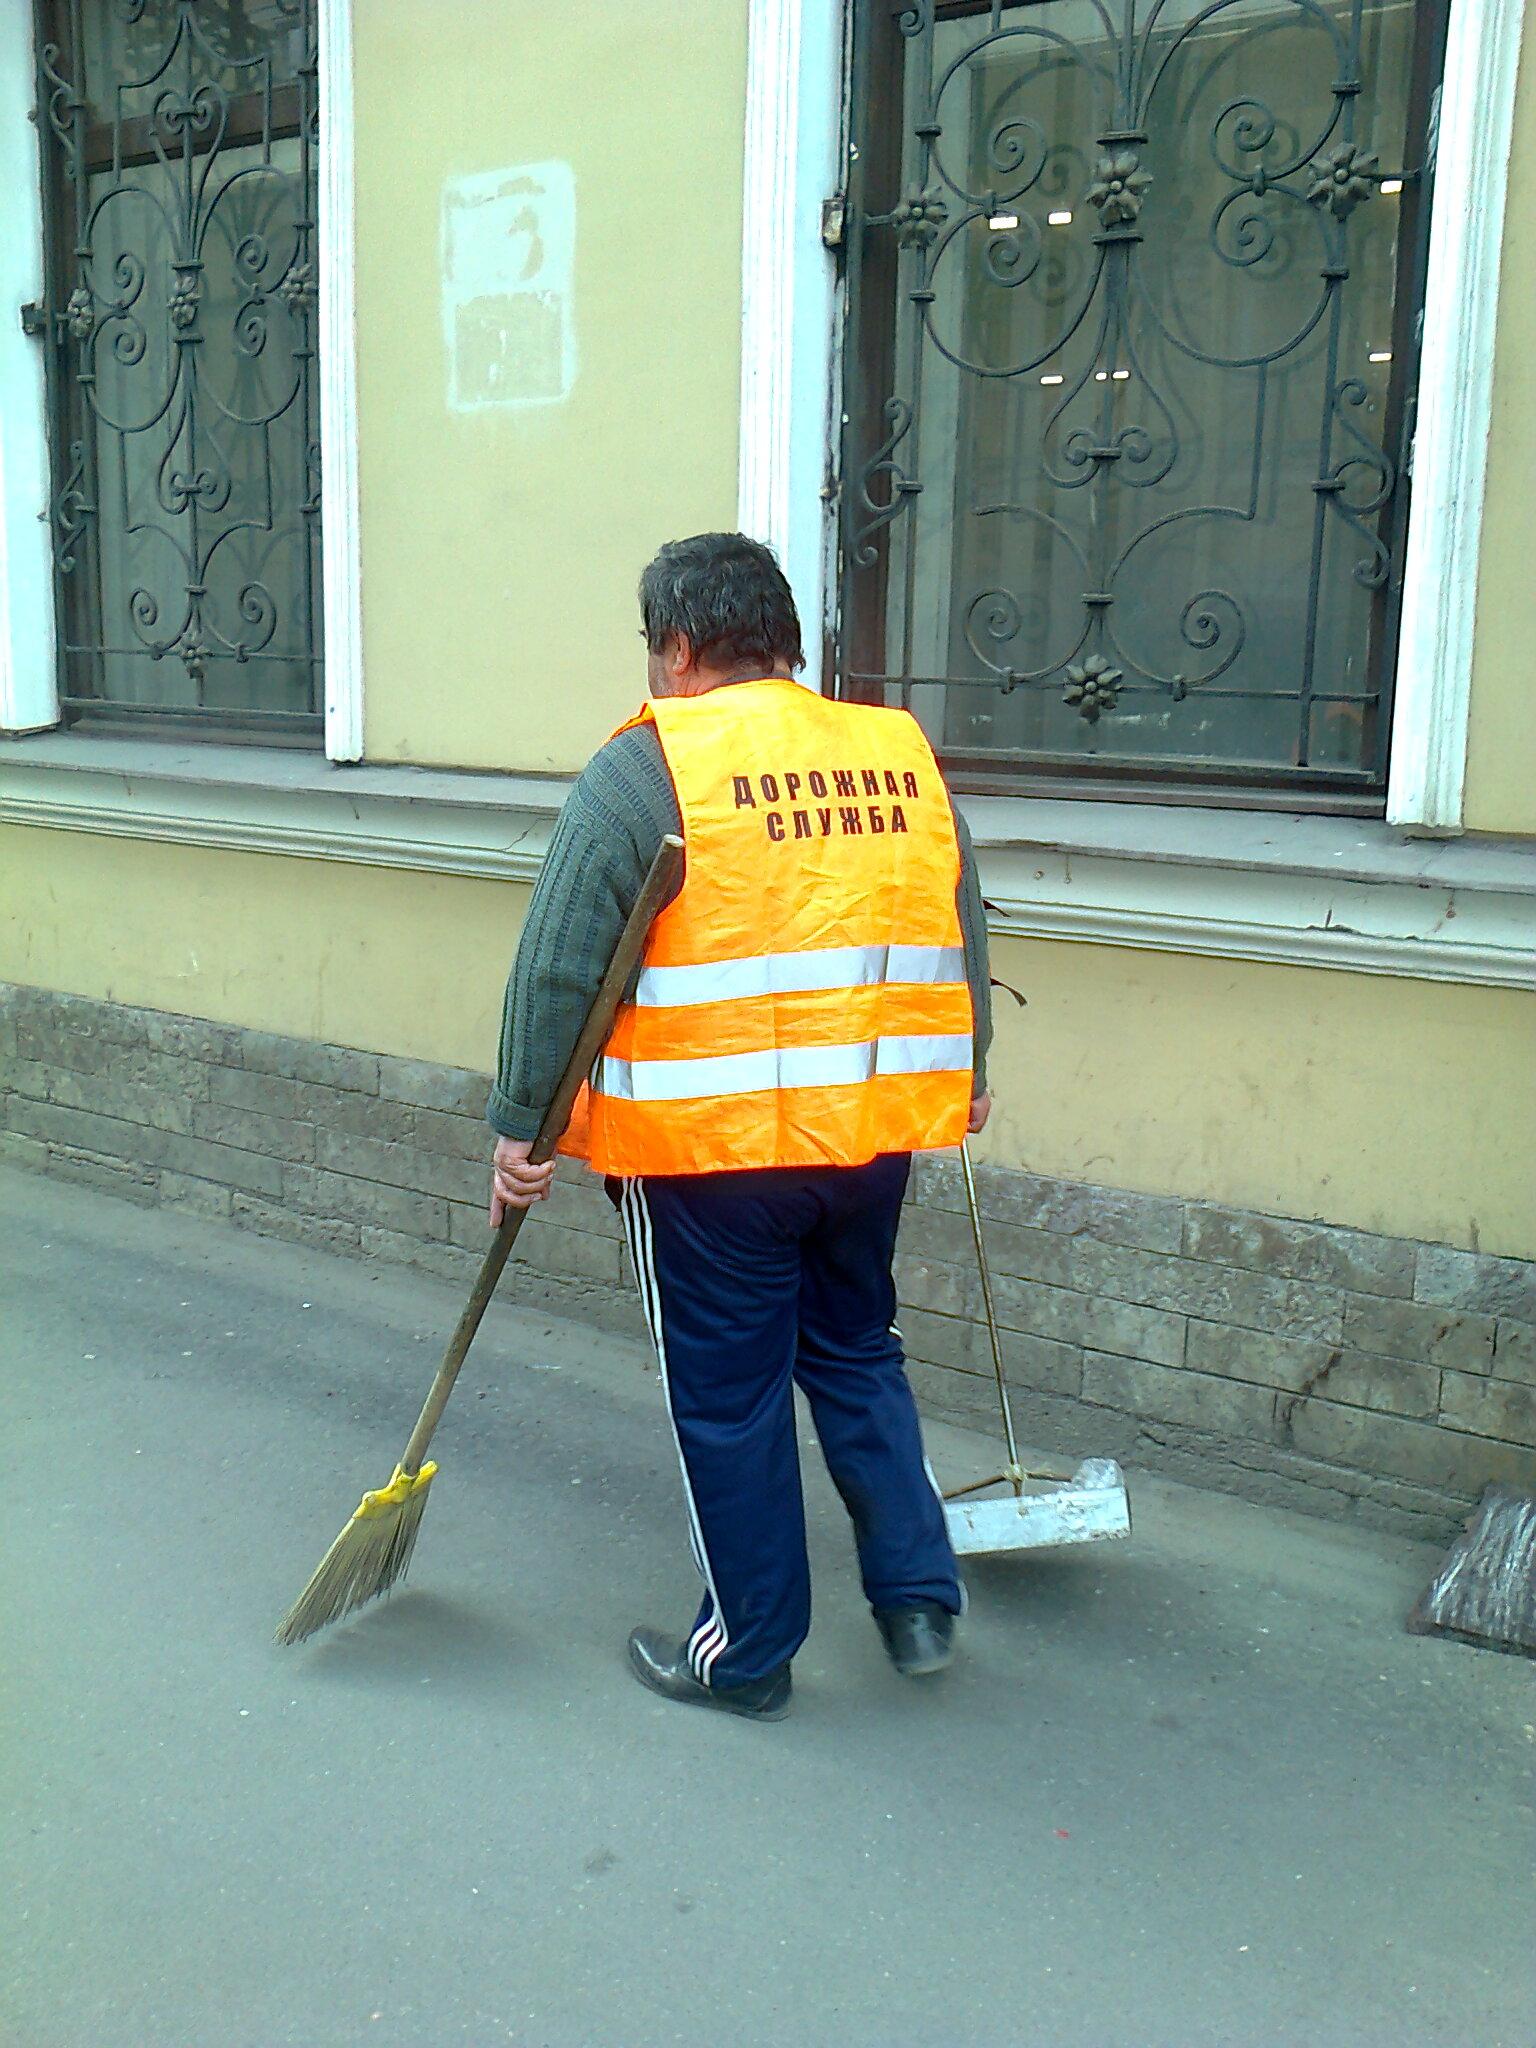 петербурггаз санкт-петербург официальный сайт вакансии